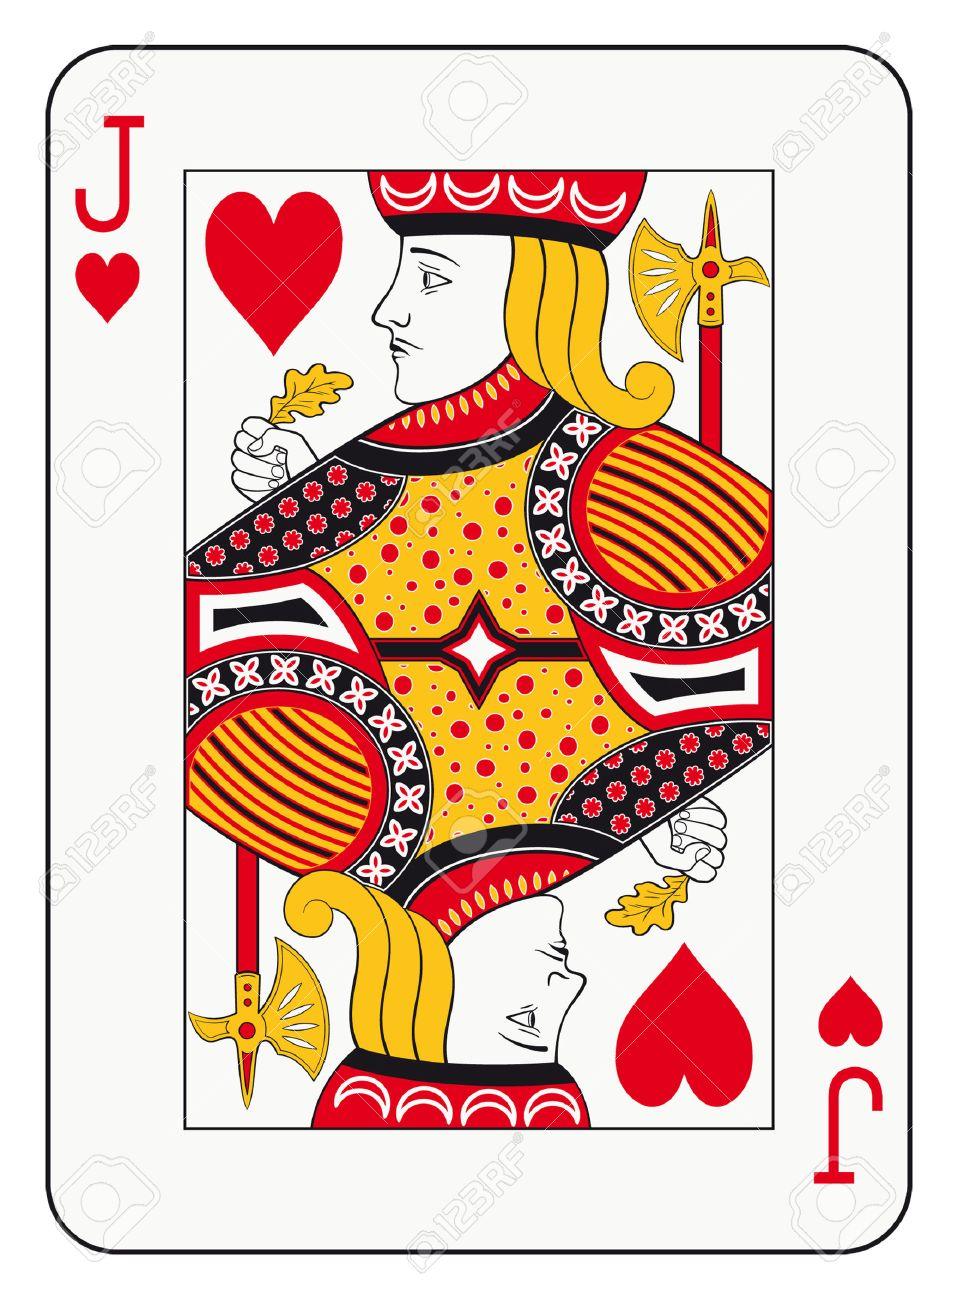 心のトランプのジャックのイラスト素材ベクタ Image 32651169